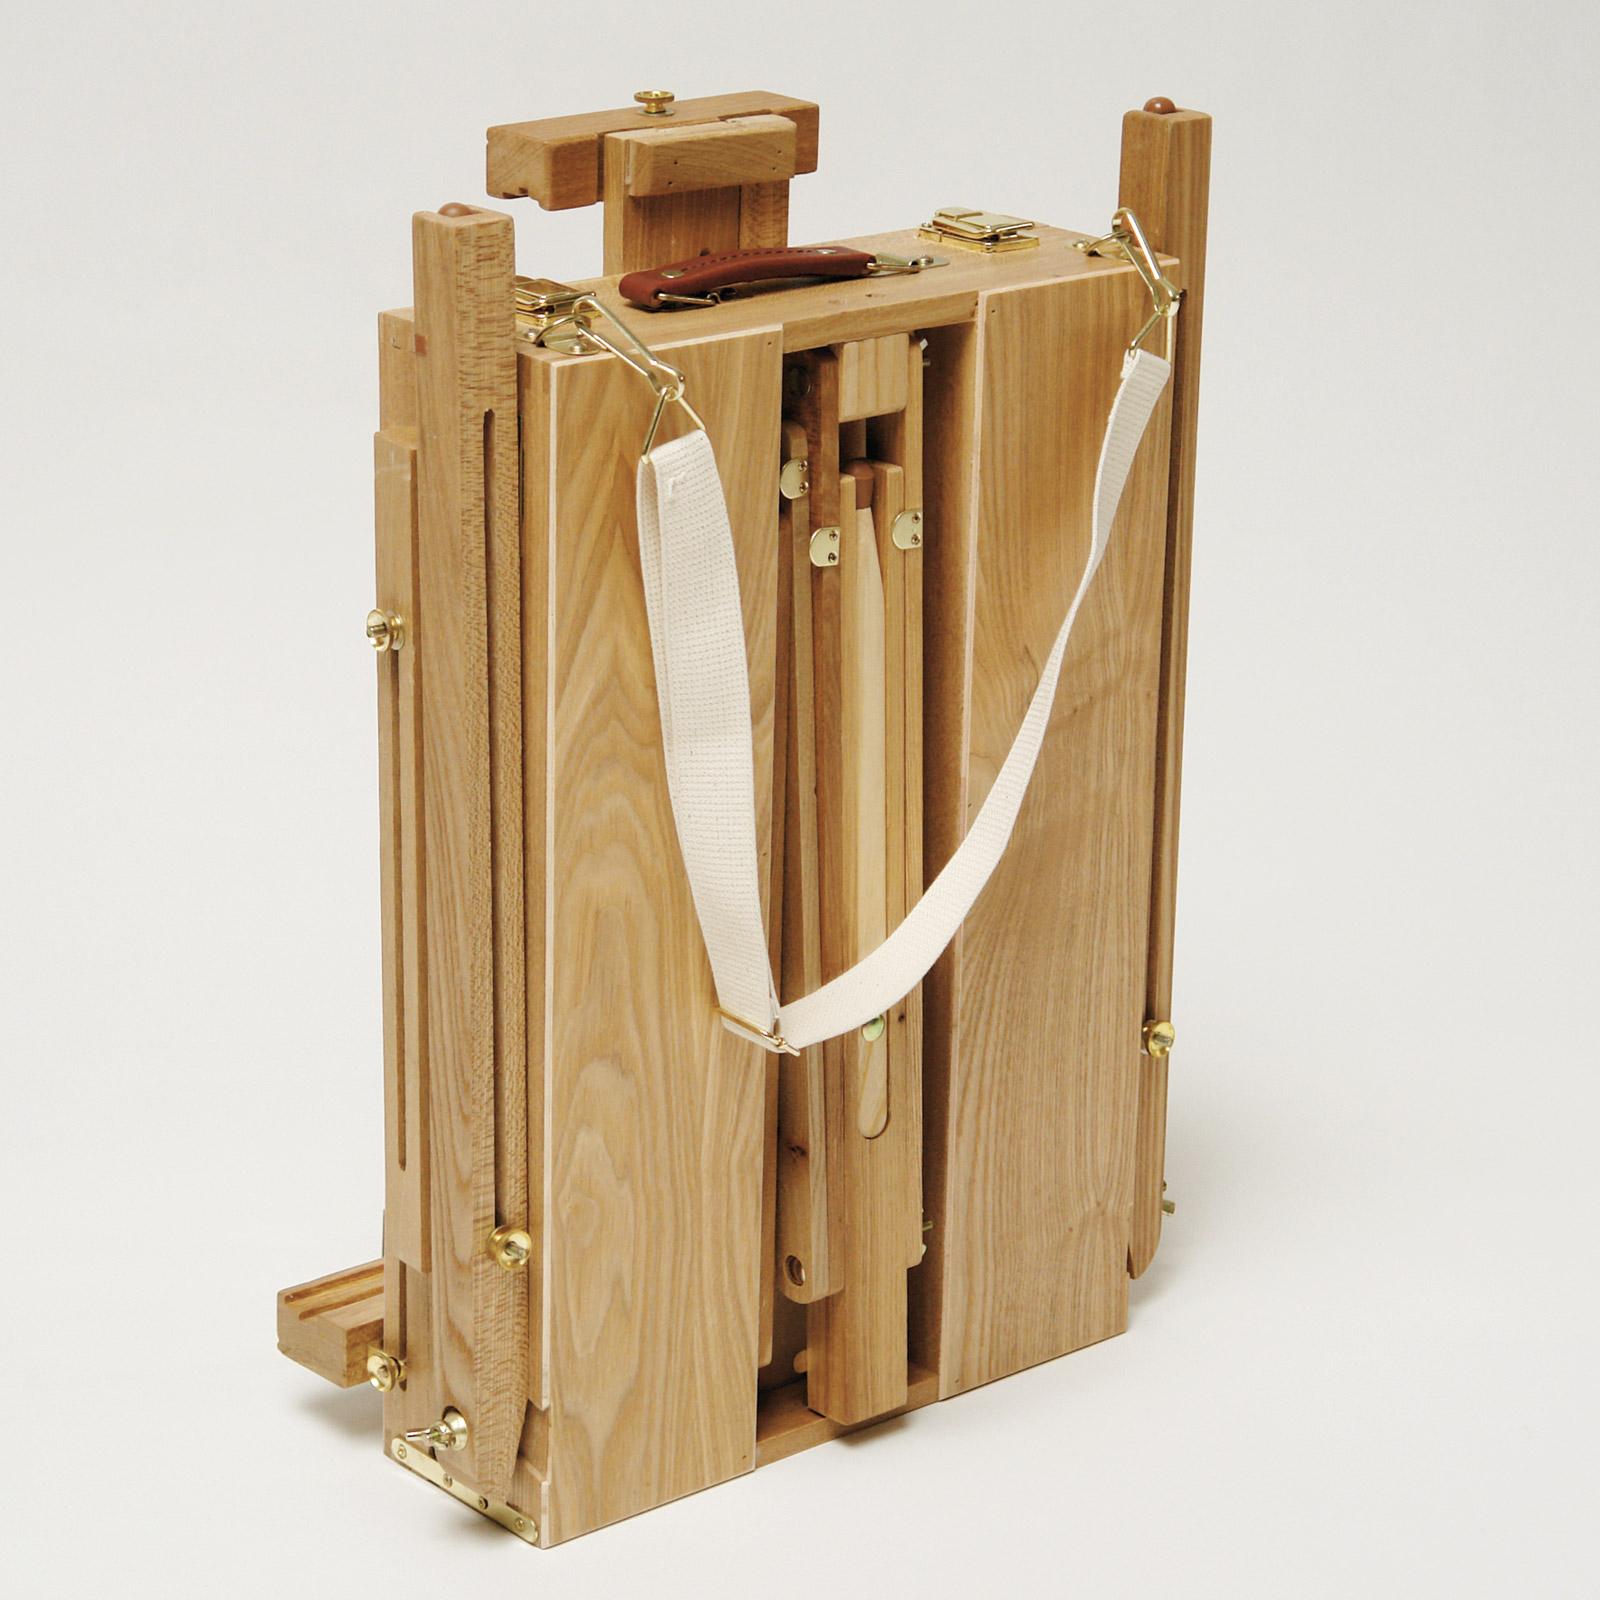 dema Staffelei / Atelierstaffelei / Feldstaffelei aus Holz mit Zubehör 90600